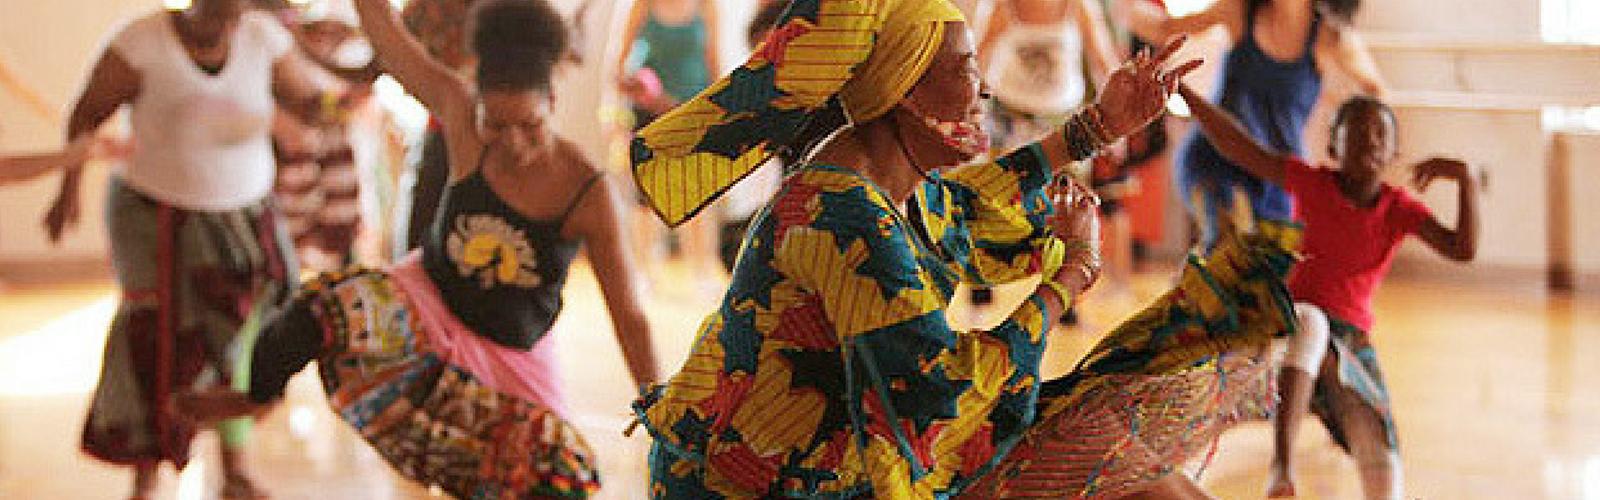 Malonga Congolese Dance Class Cityhero